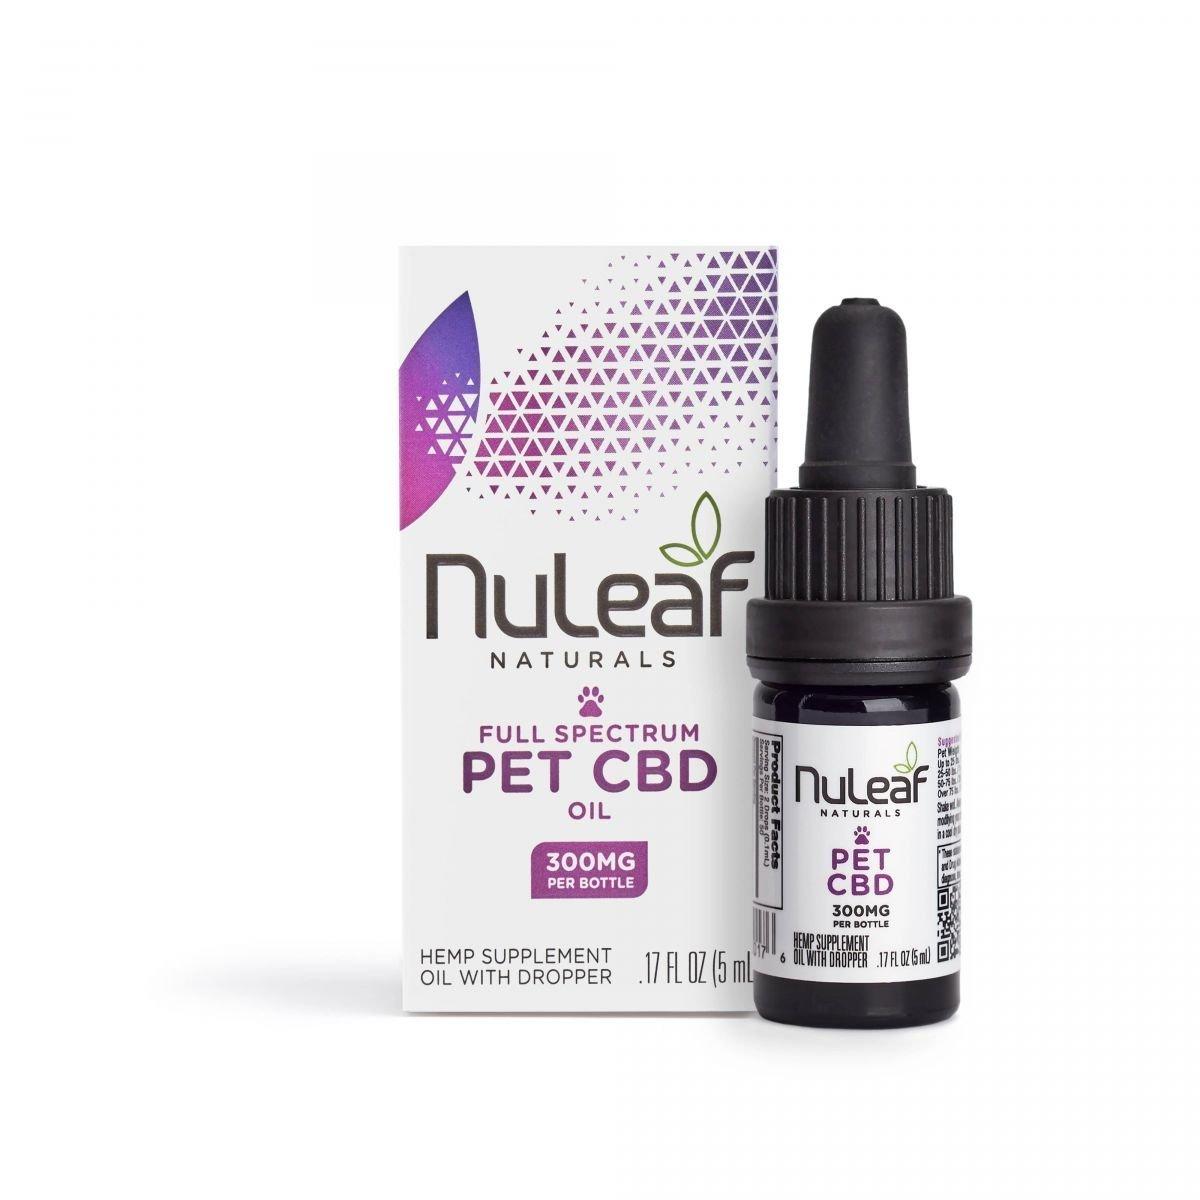 NuLeaf CBD Pet Oil